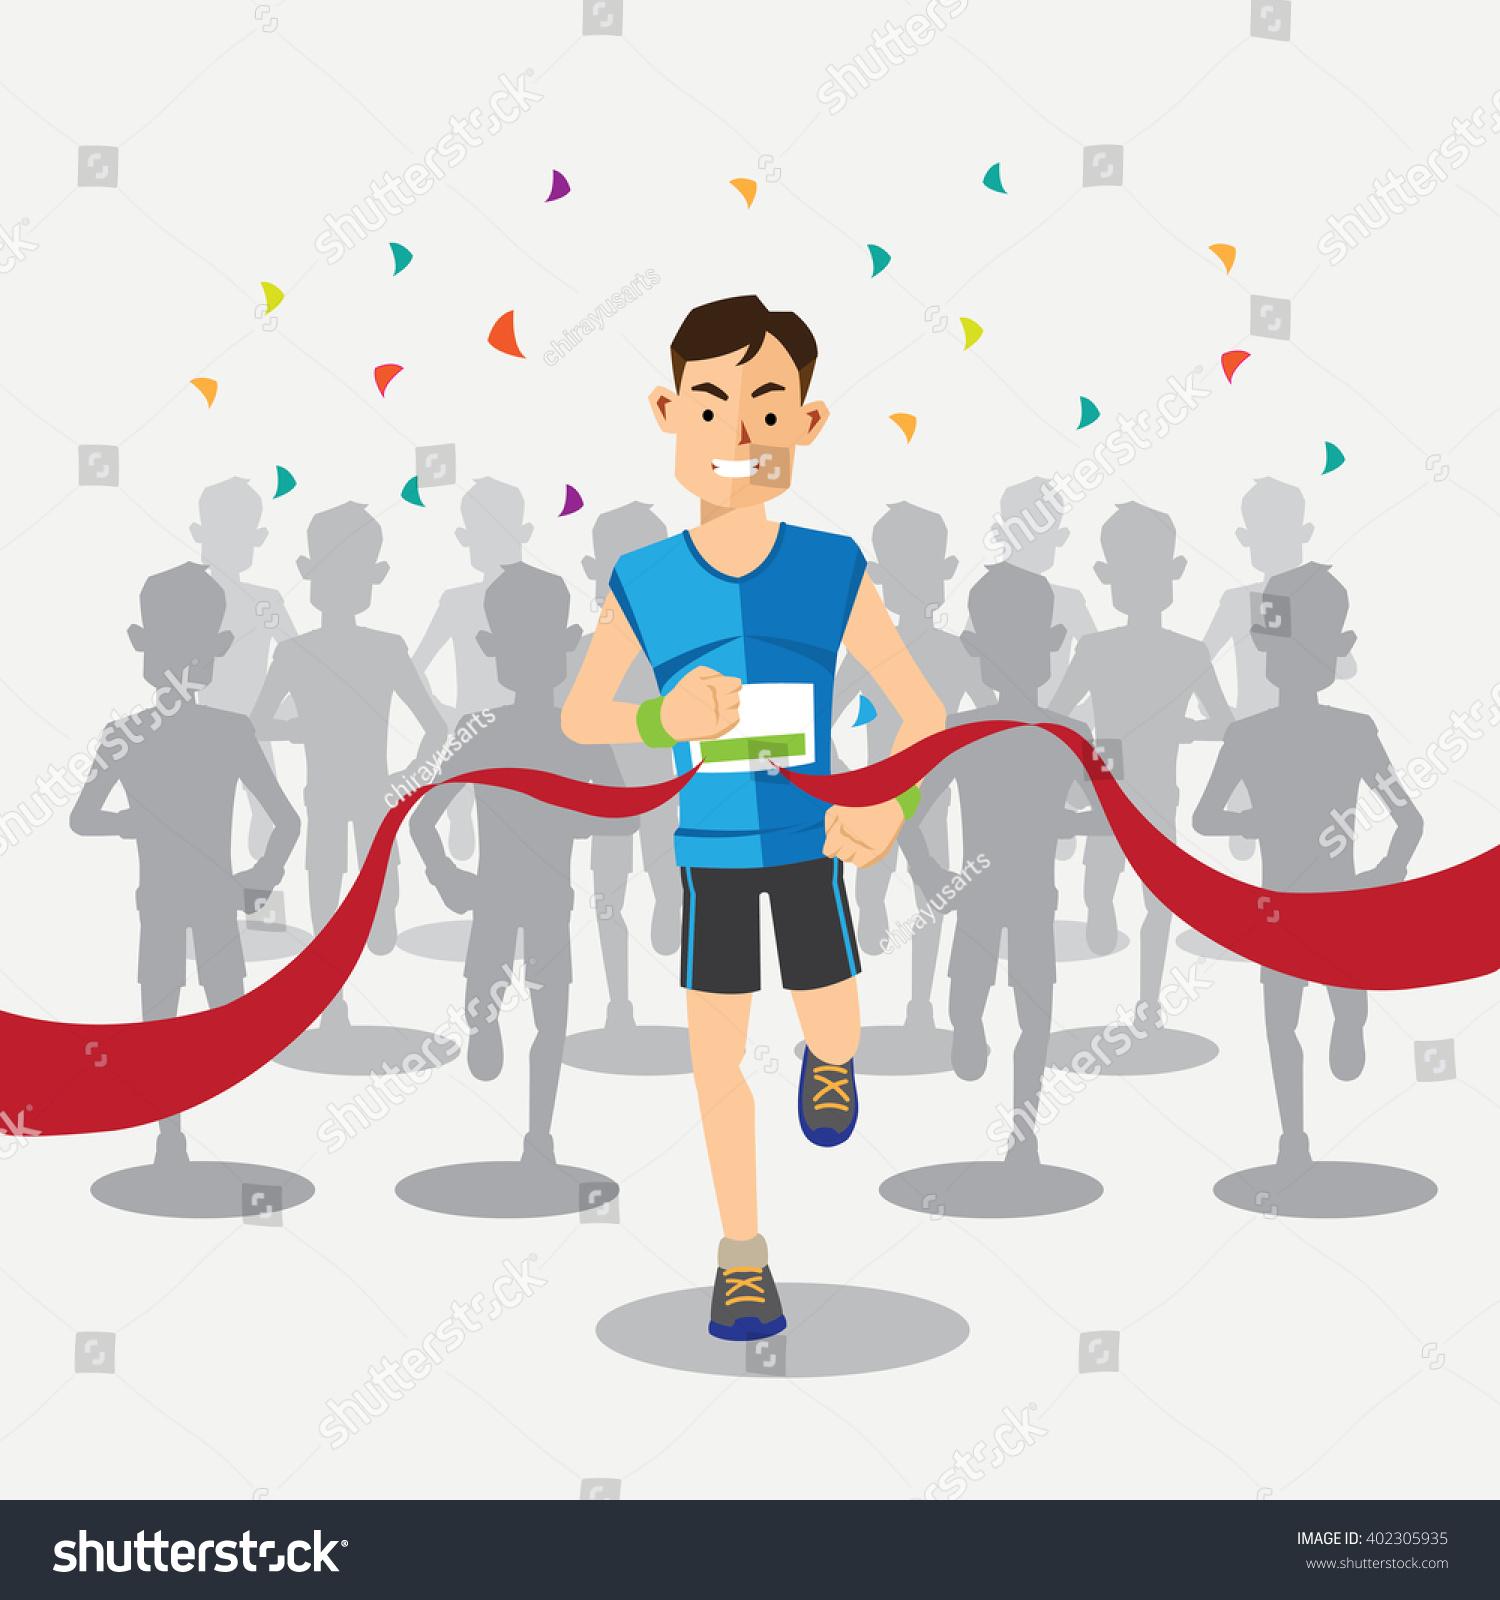 Marathon Runners Cross The Finish Line